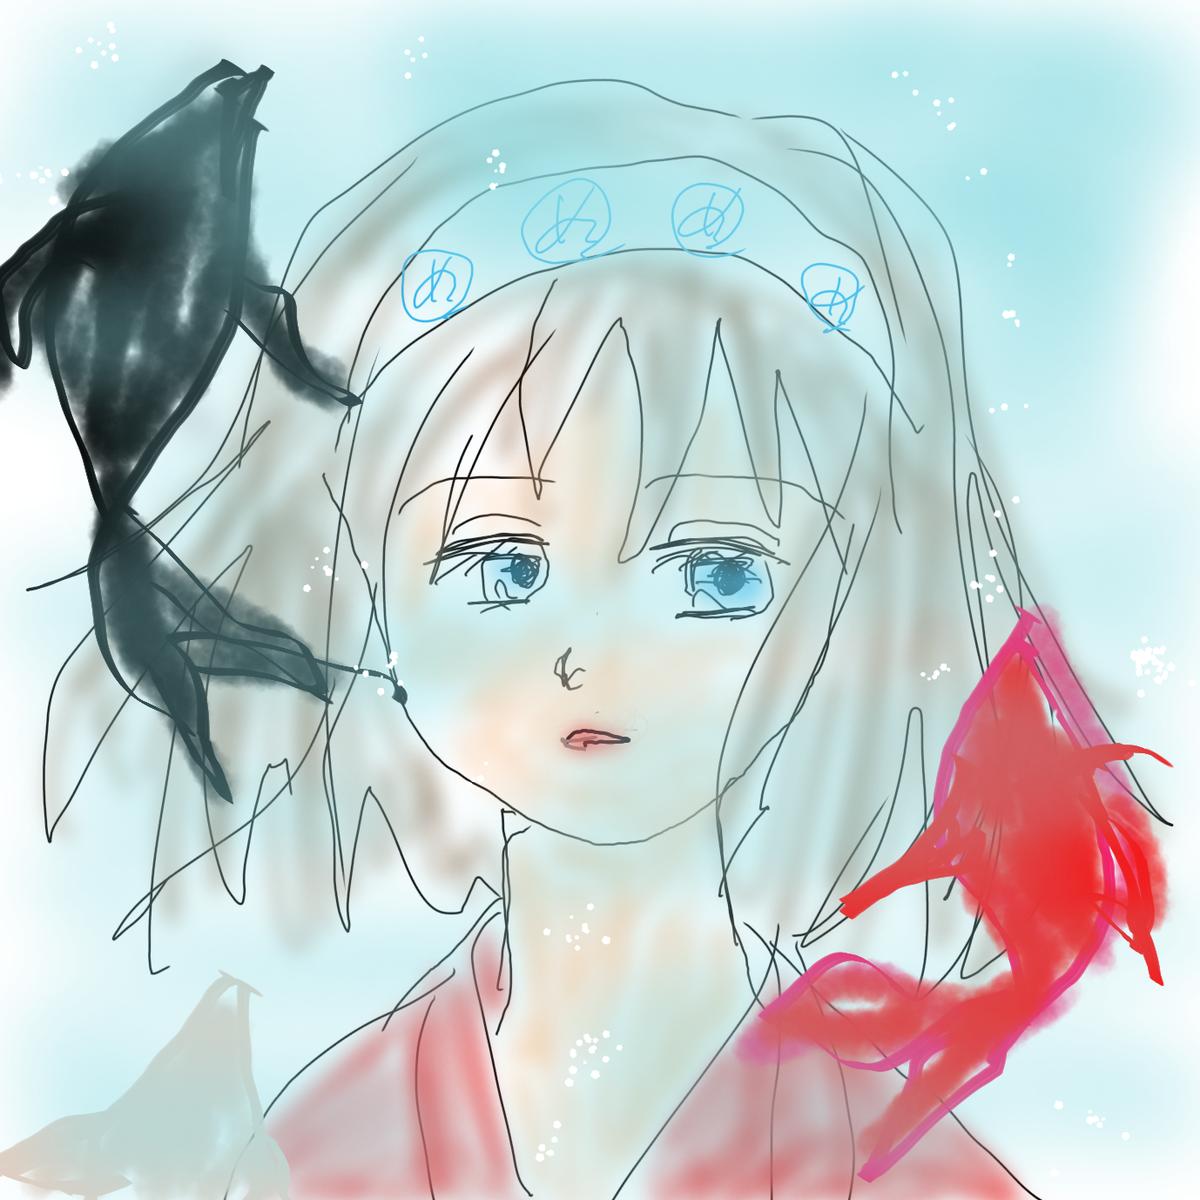 mettoko_Fan_art_732